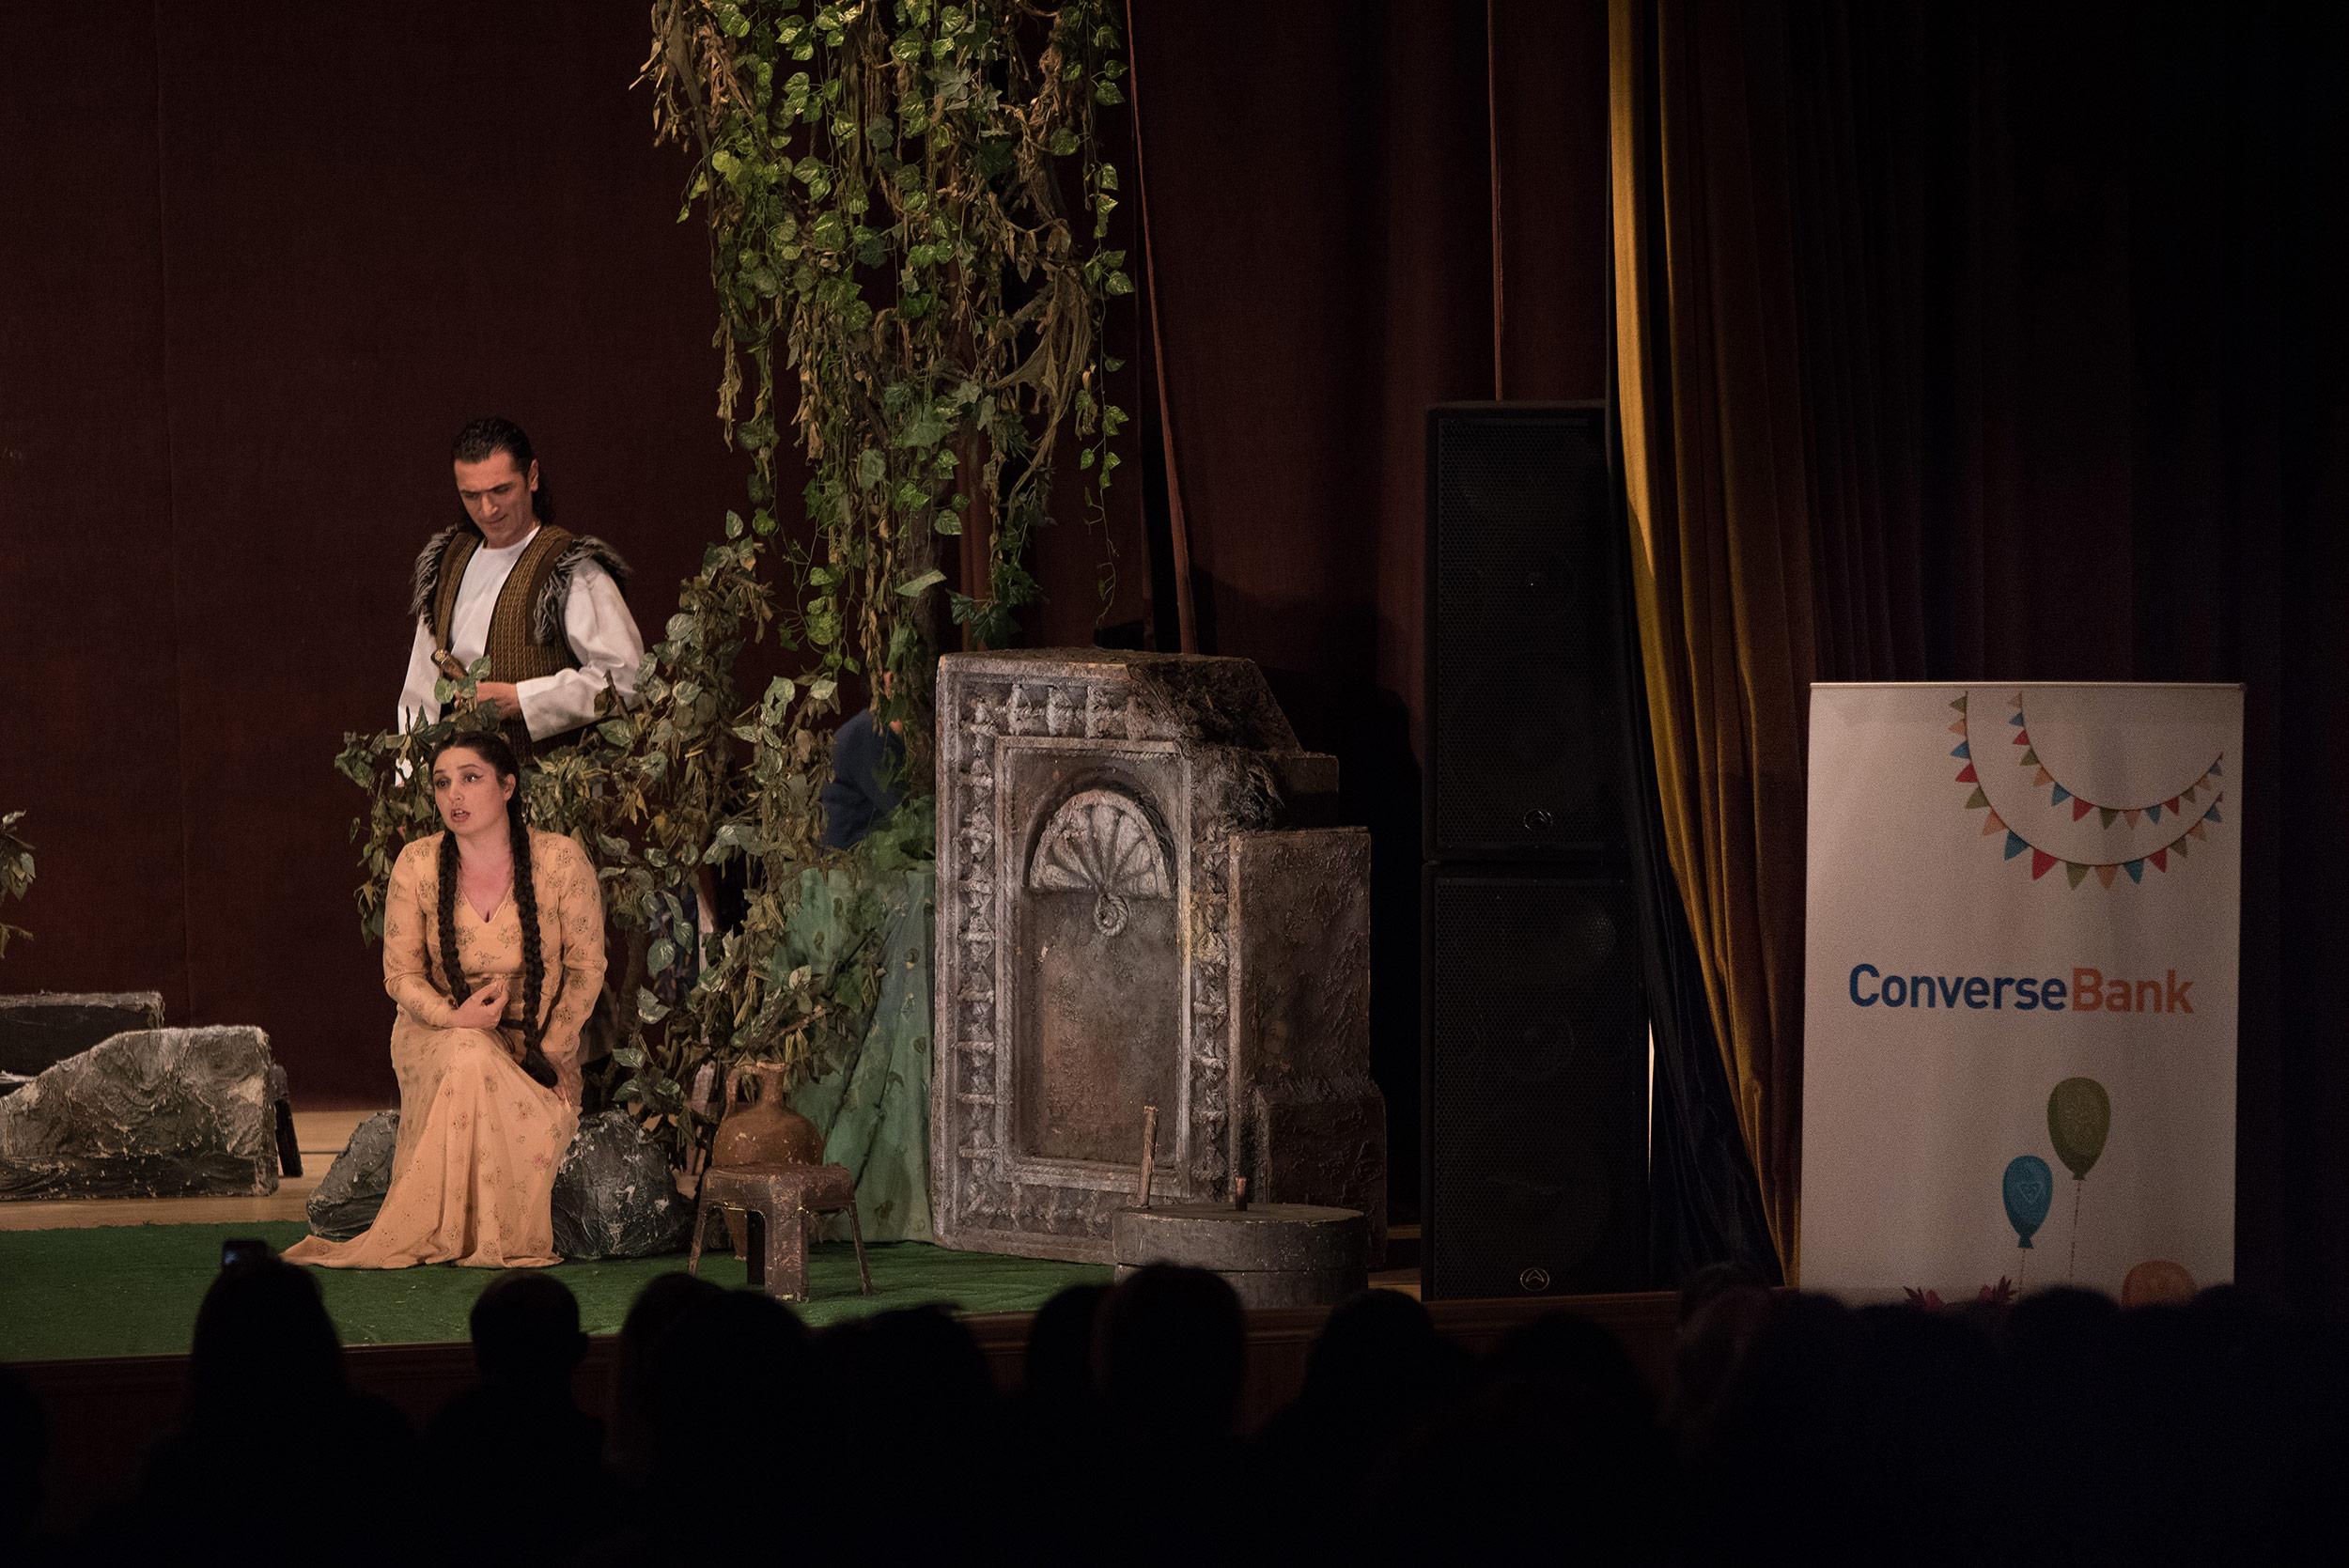 """При содействии конверс банка в ванадзоре состоялось представление оперы """"Ануш"""""""